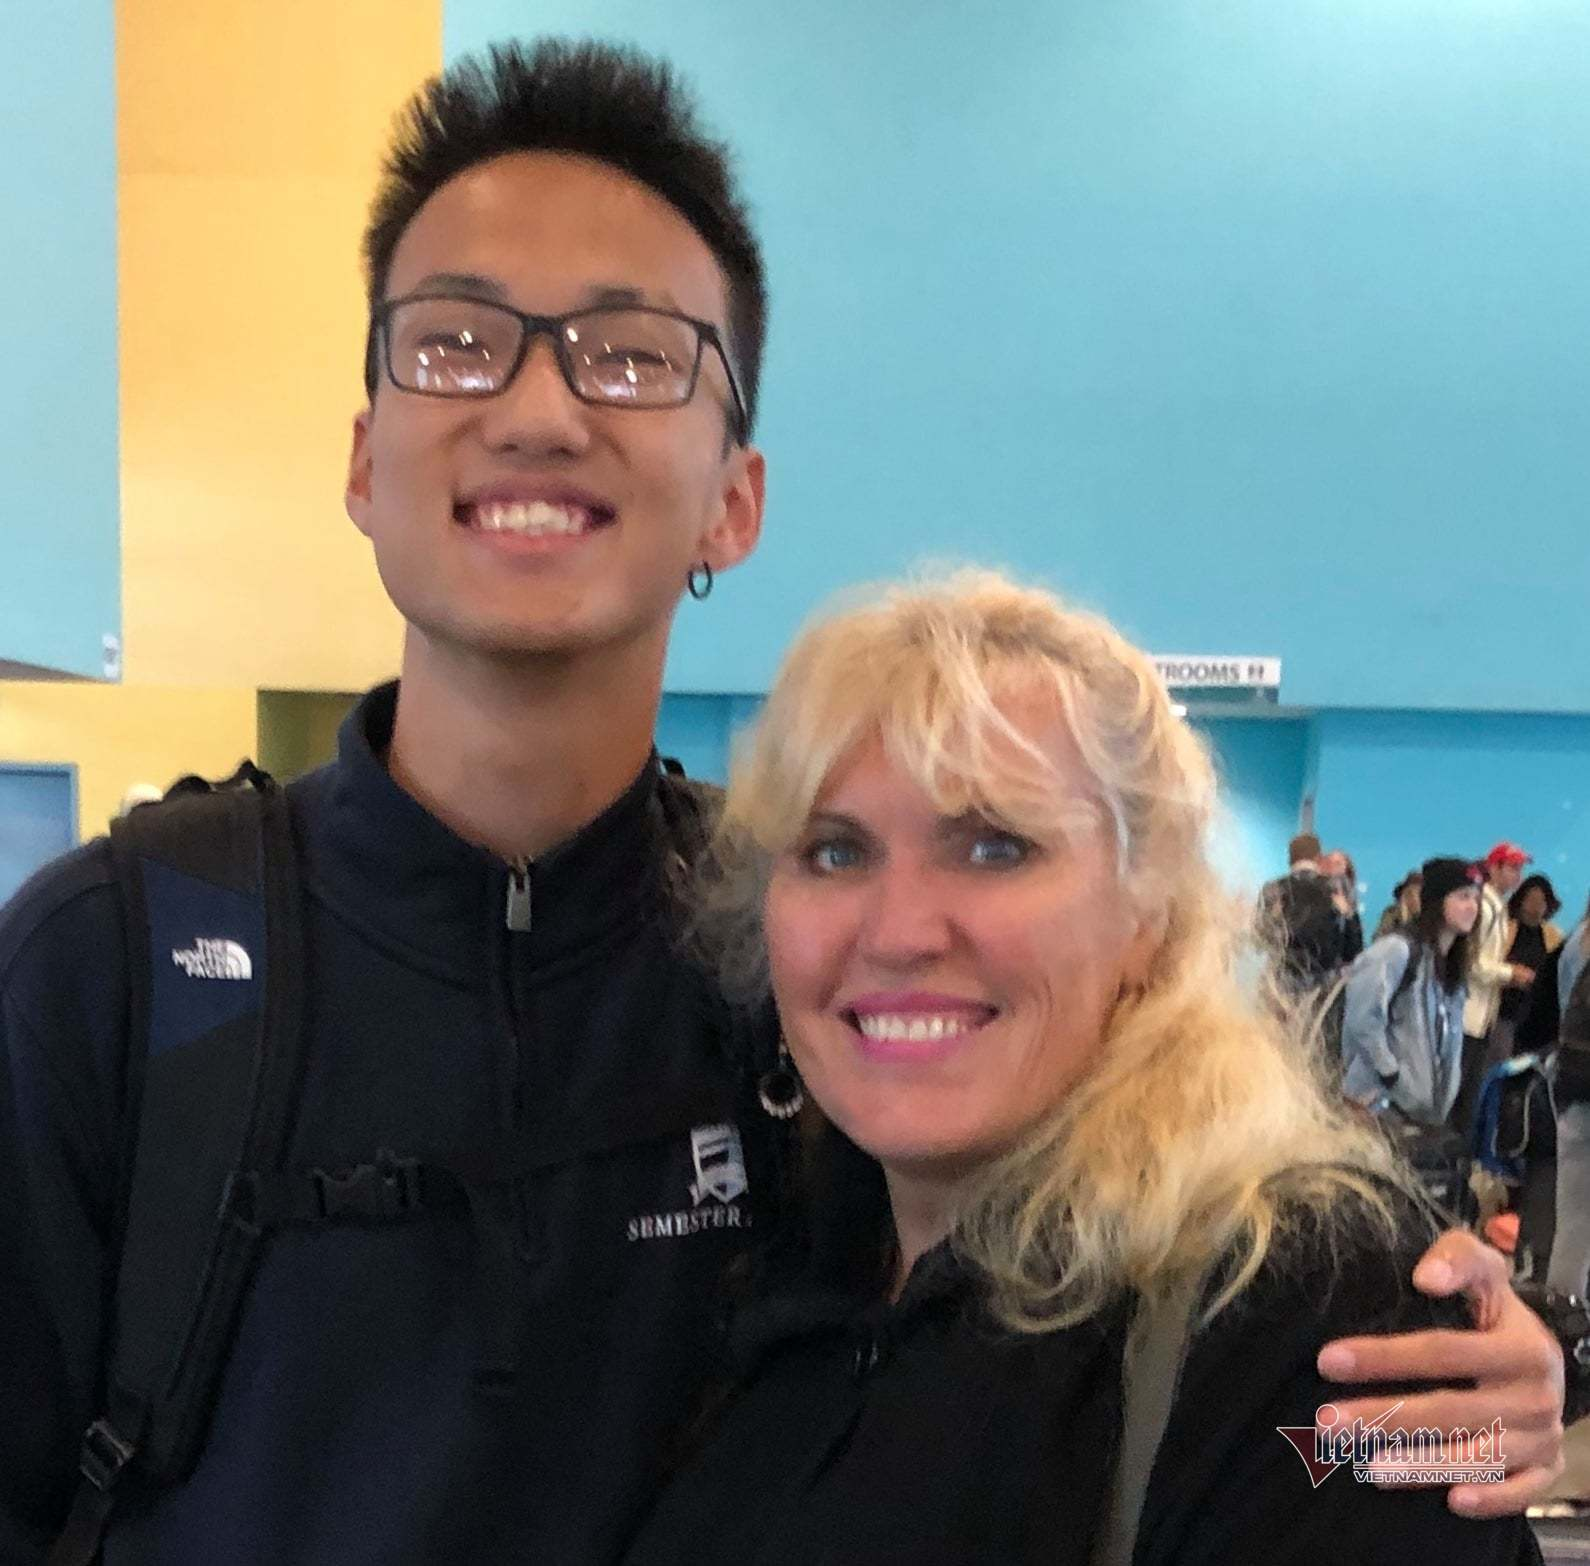 Nguyễn Quang Tùng (Sinh viên Trường ĐH Macalester College) và cô Ingrid